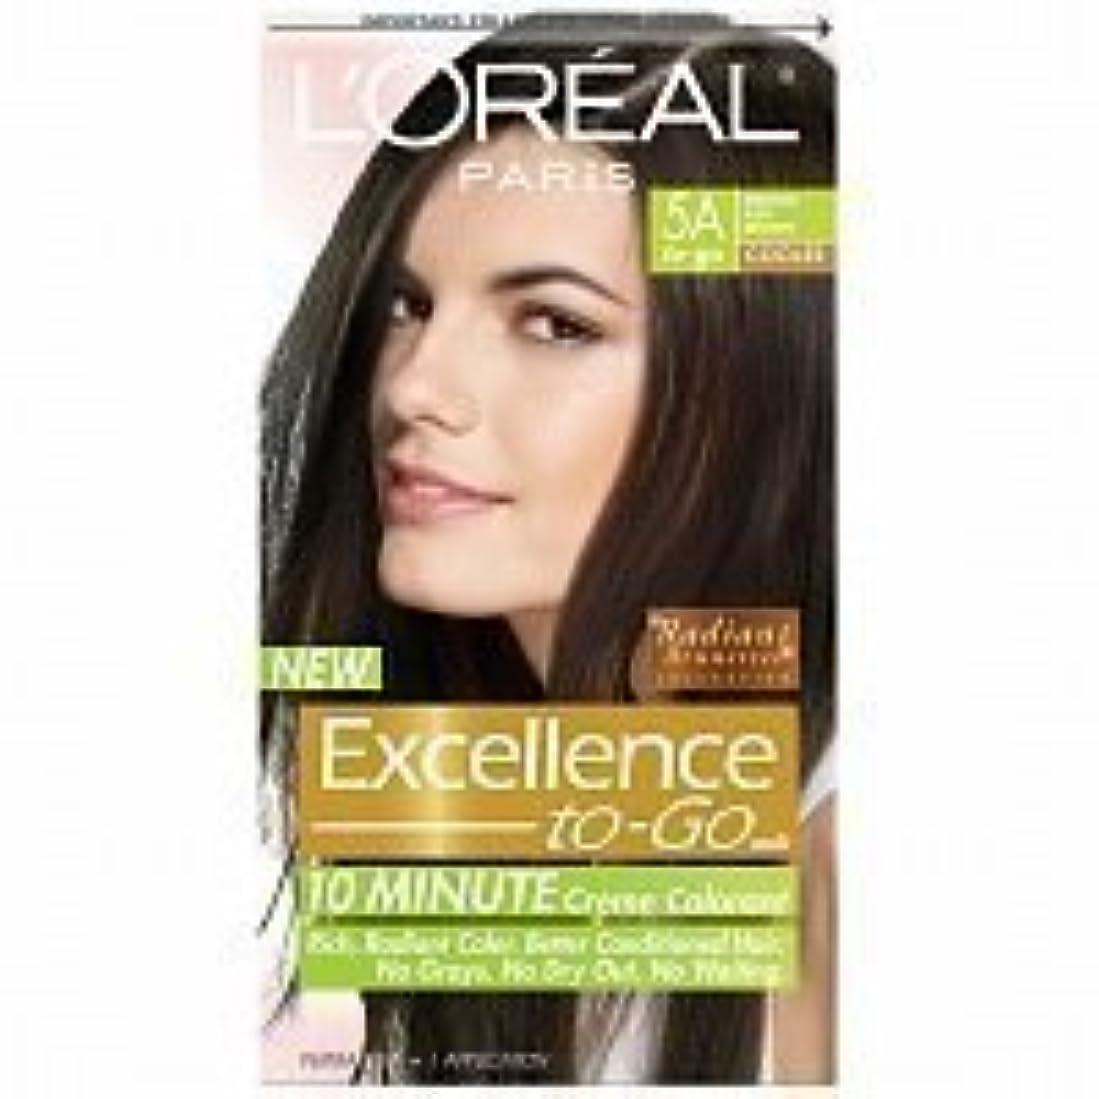 比較銛コーナーL'Oreal Paris Excellence To-Go 10-Minute Cr?N?Nme Coloring, Medium Ash Brown 5A by L'Oreal Paris Hair Color [並行輸入品]